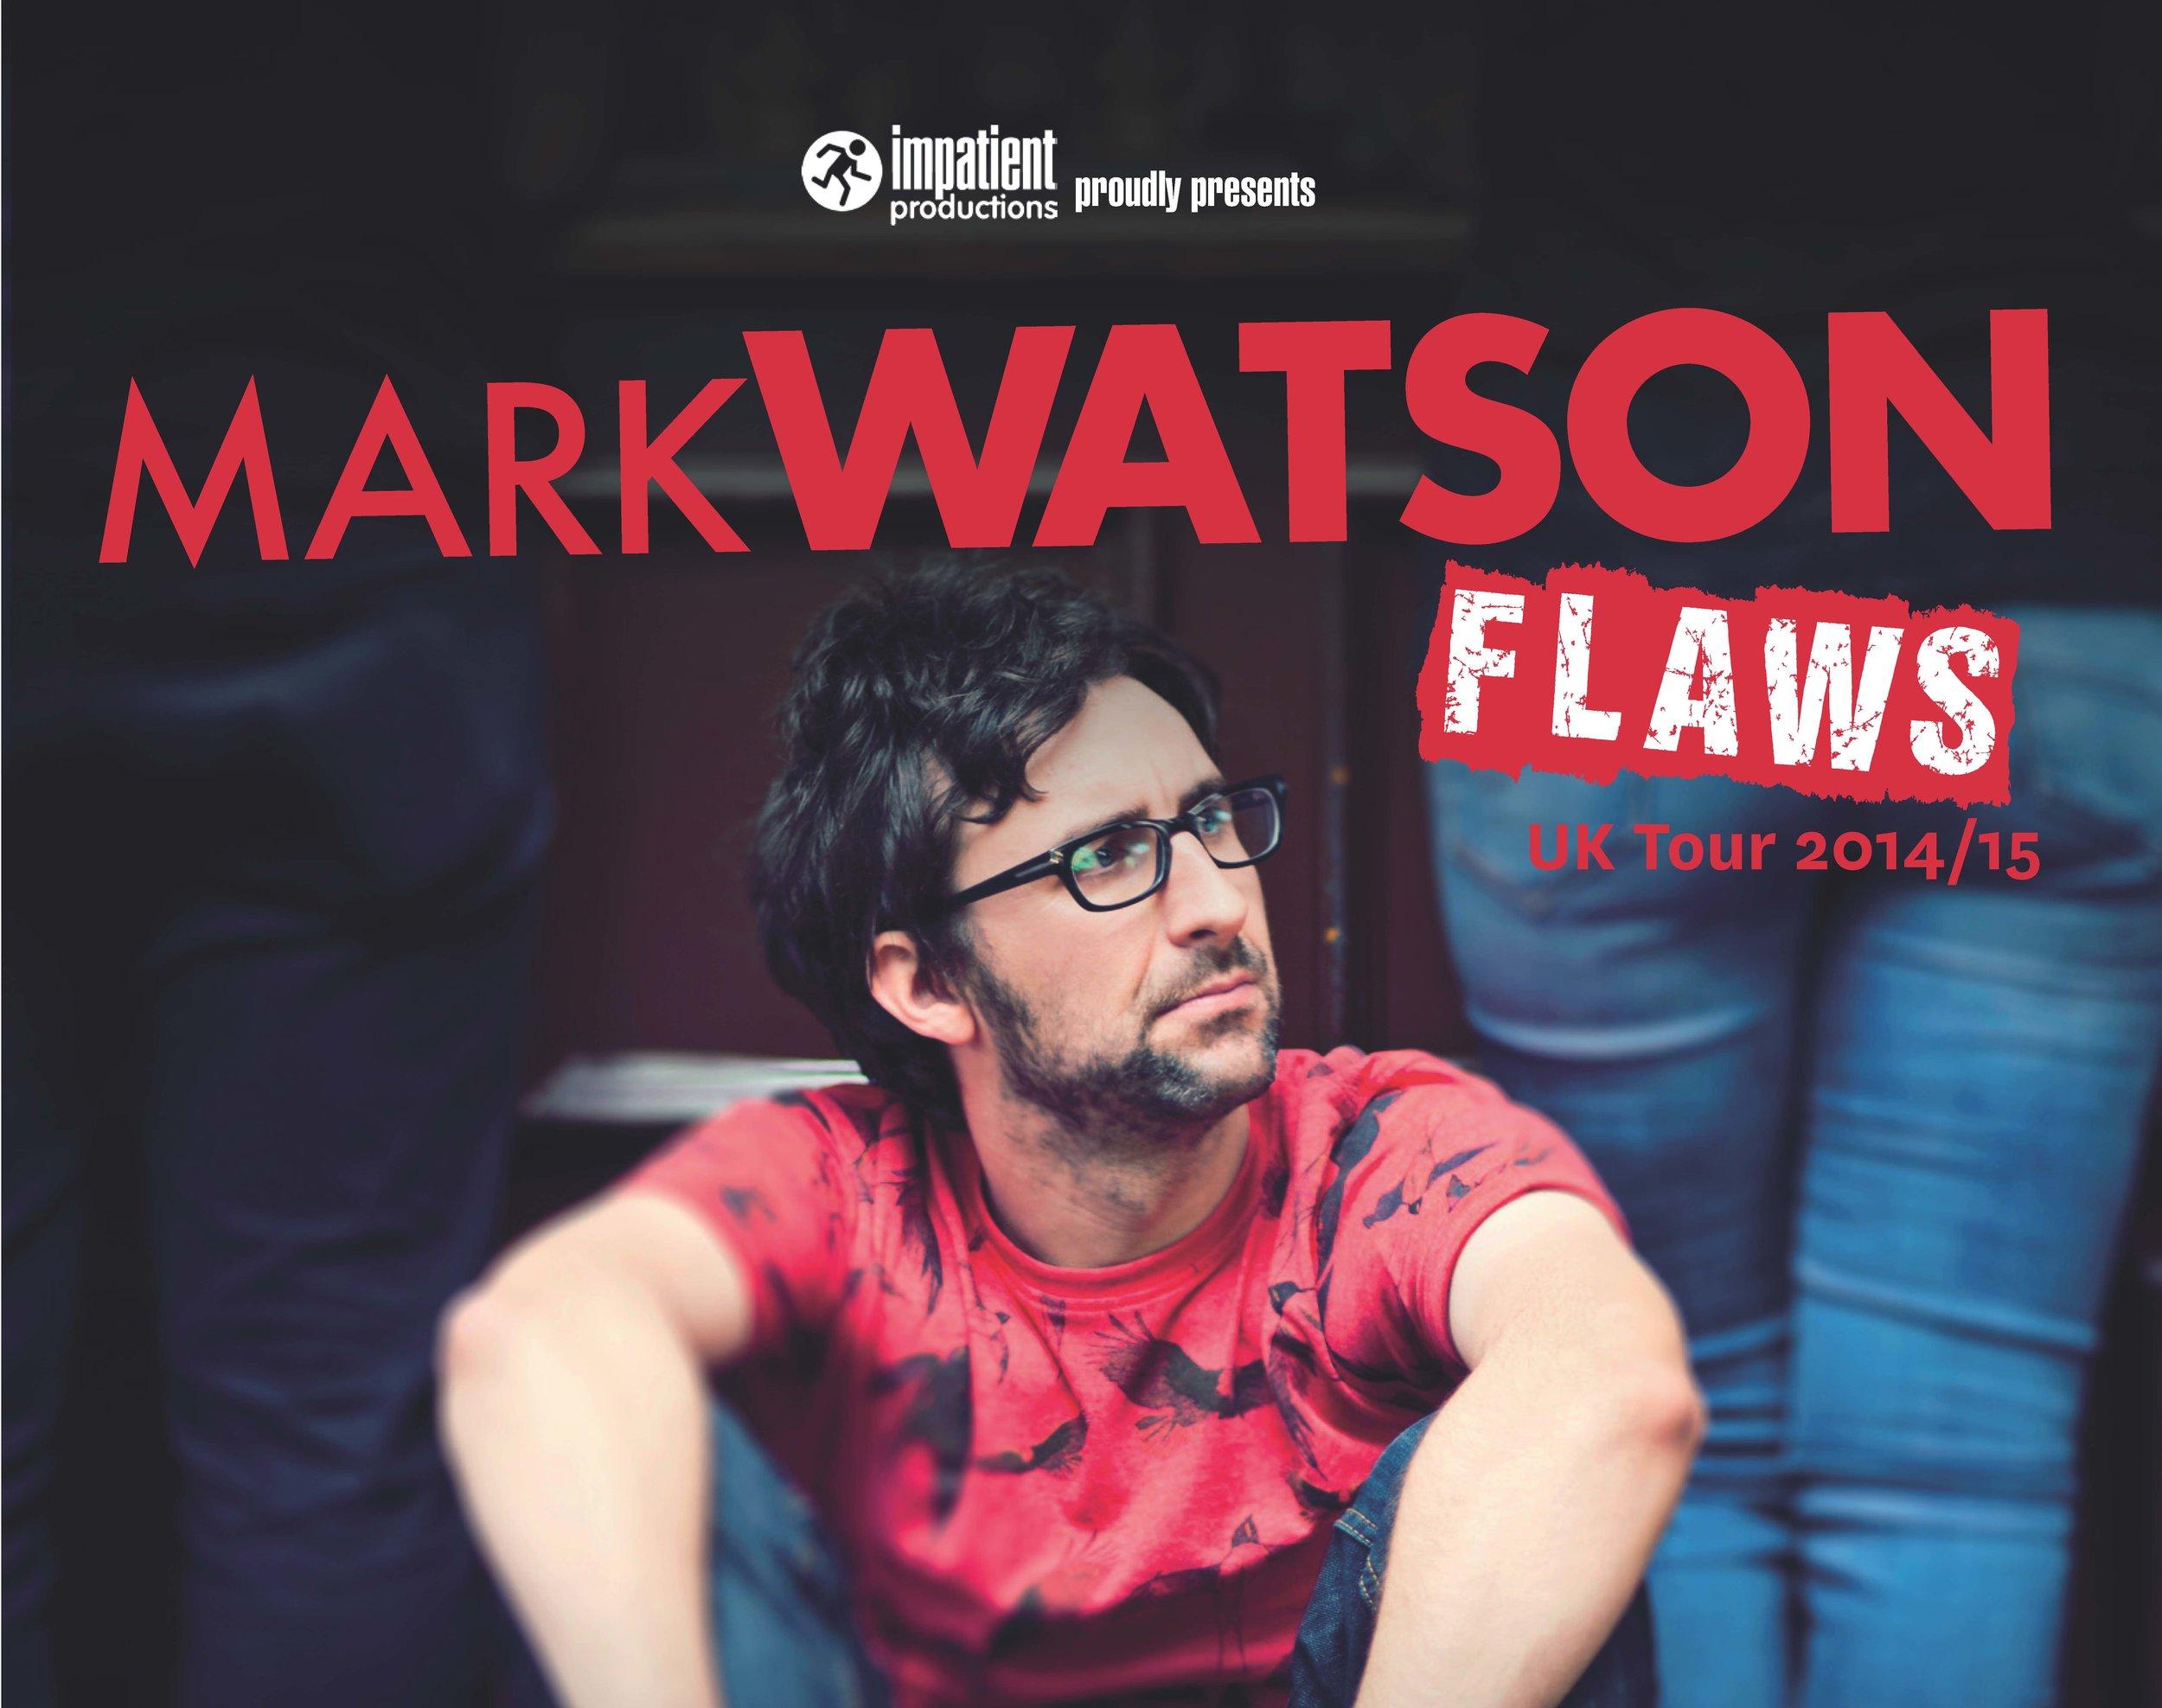 flaws uk tour: 2014/15